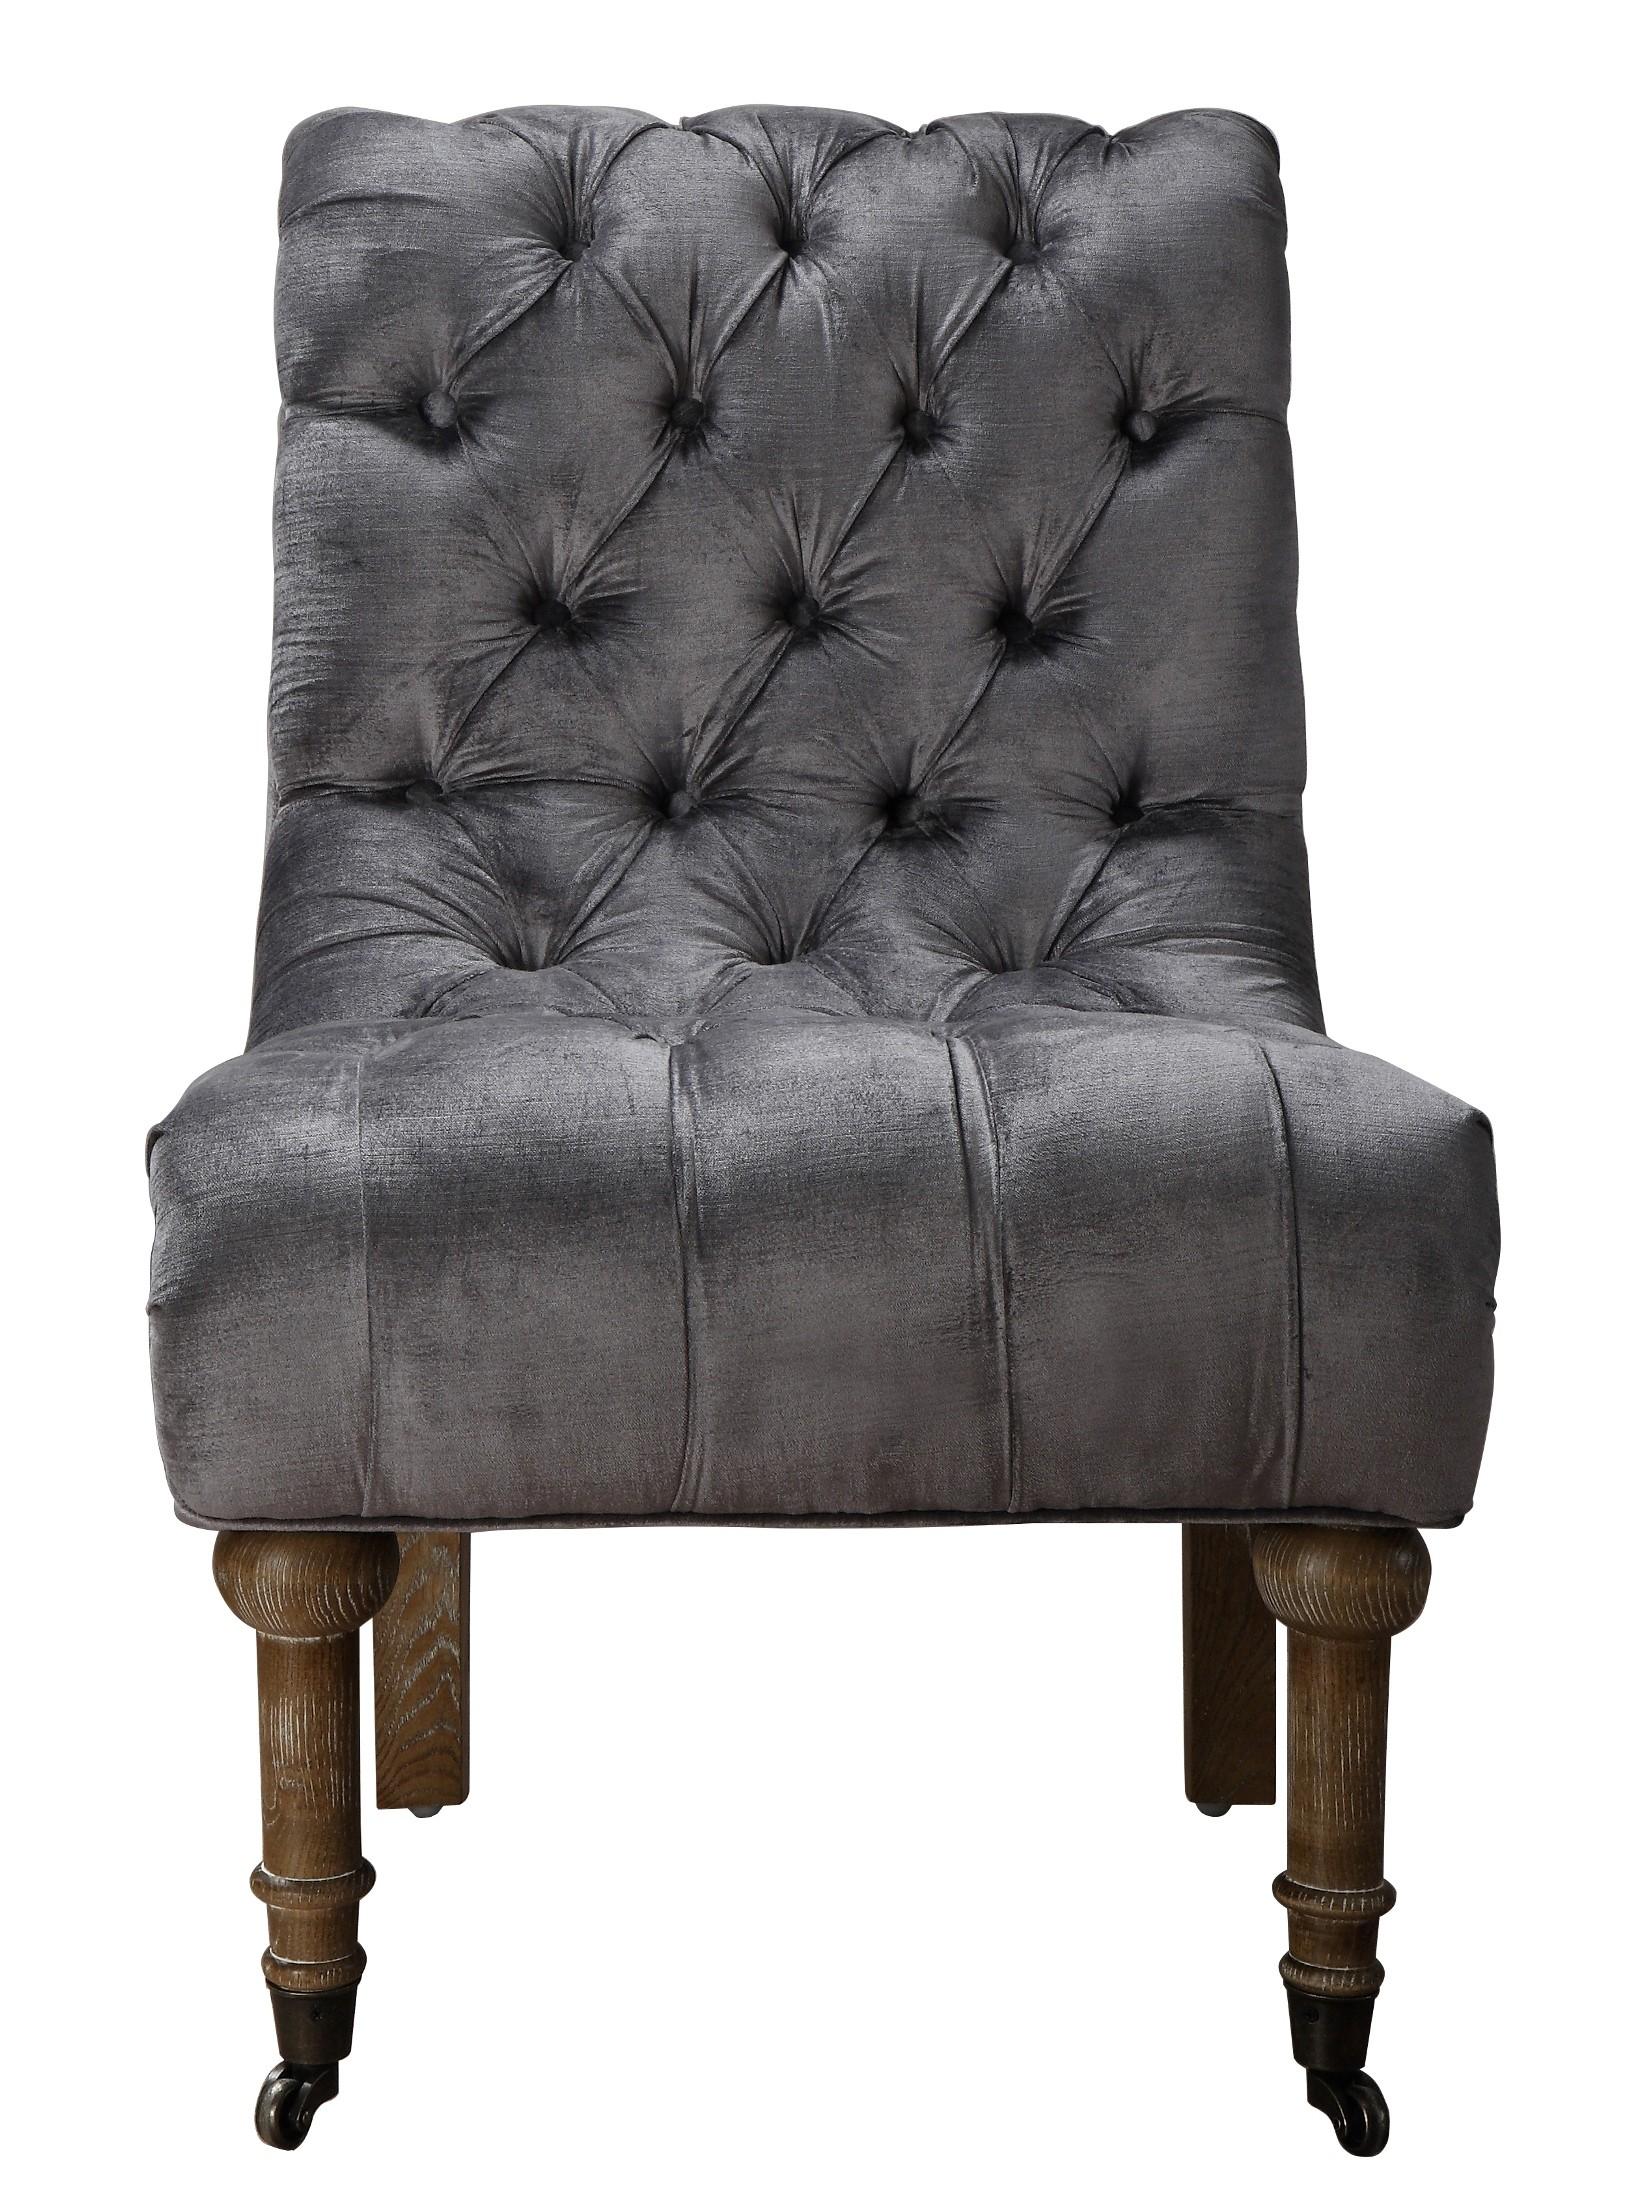 grey velvet slipper chair canopy camping vivi from tov a41